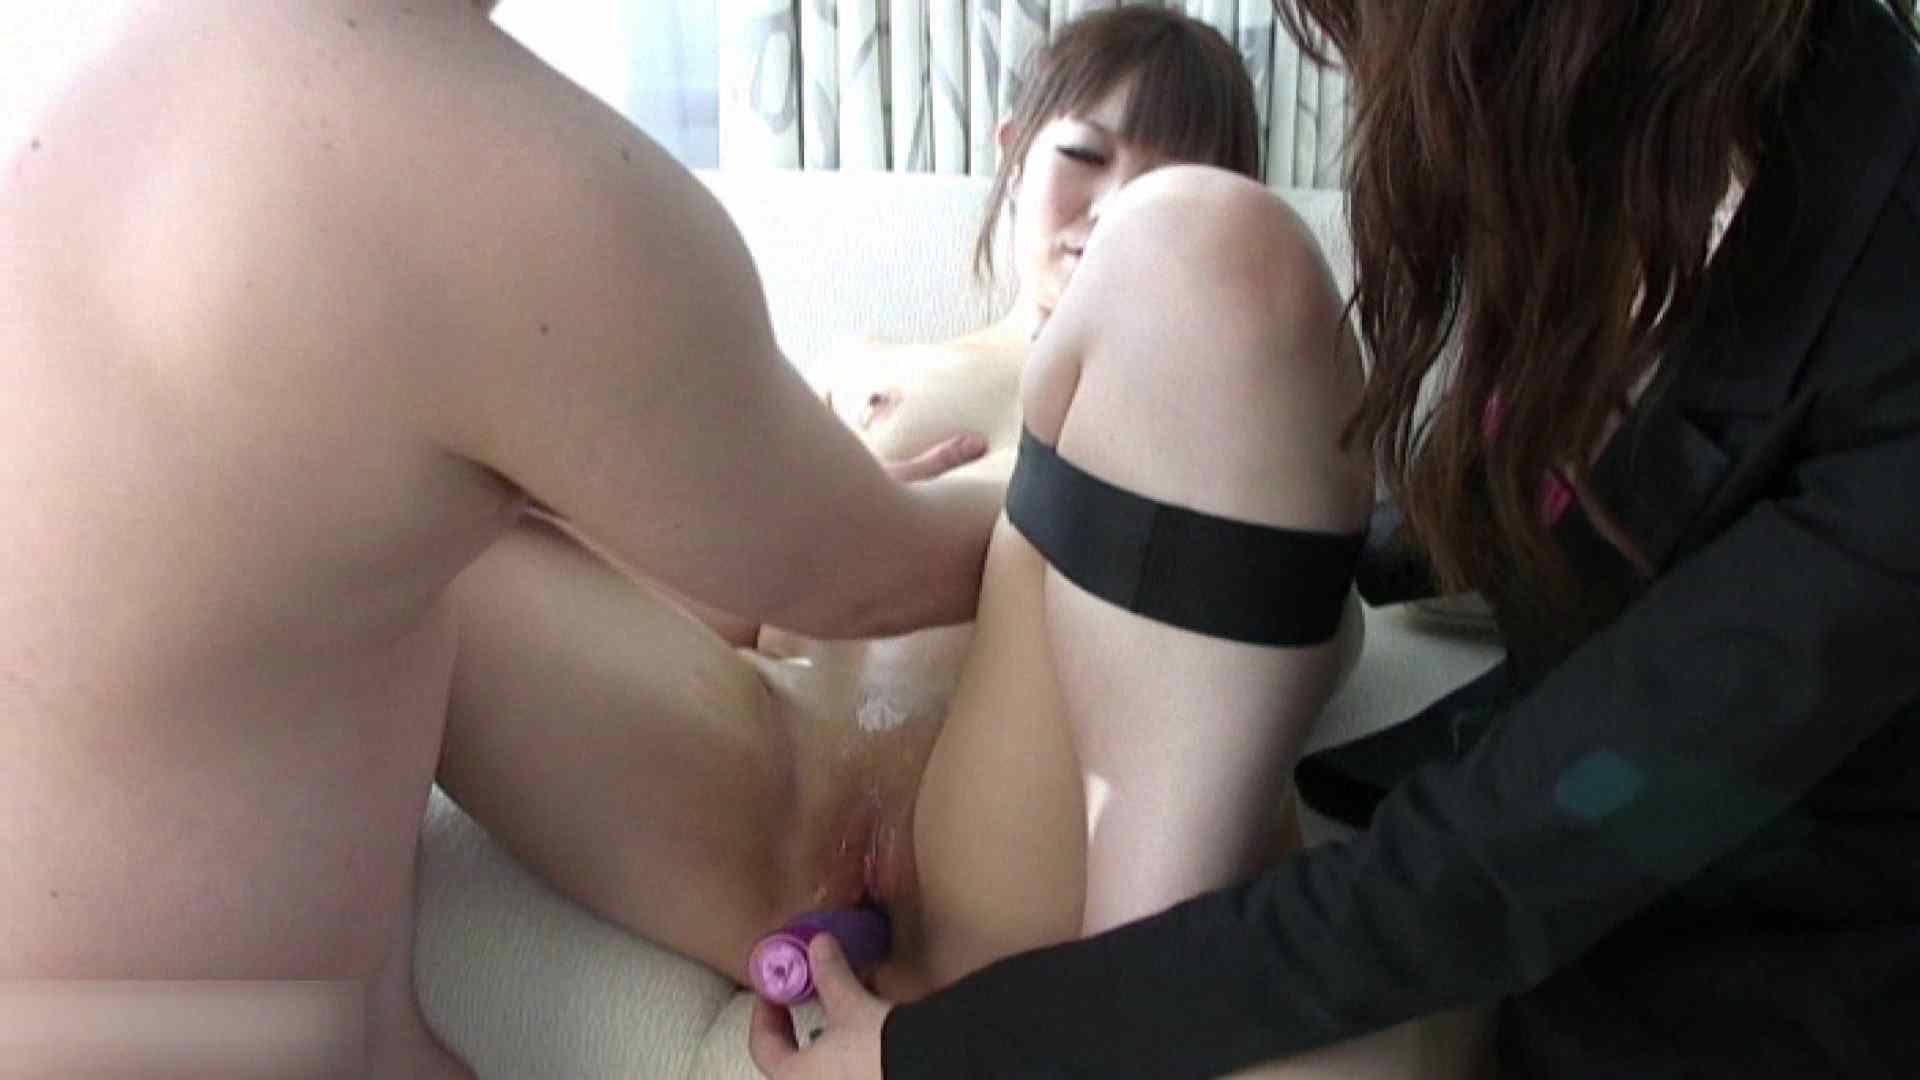 淫乱人妻 狂った宴 Vol.03 人妻のエロ生活  27連発 12